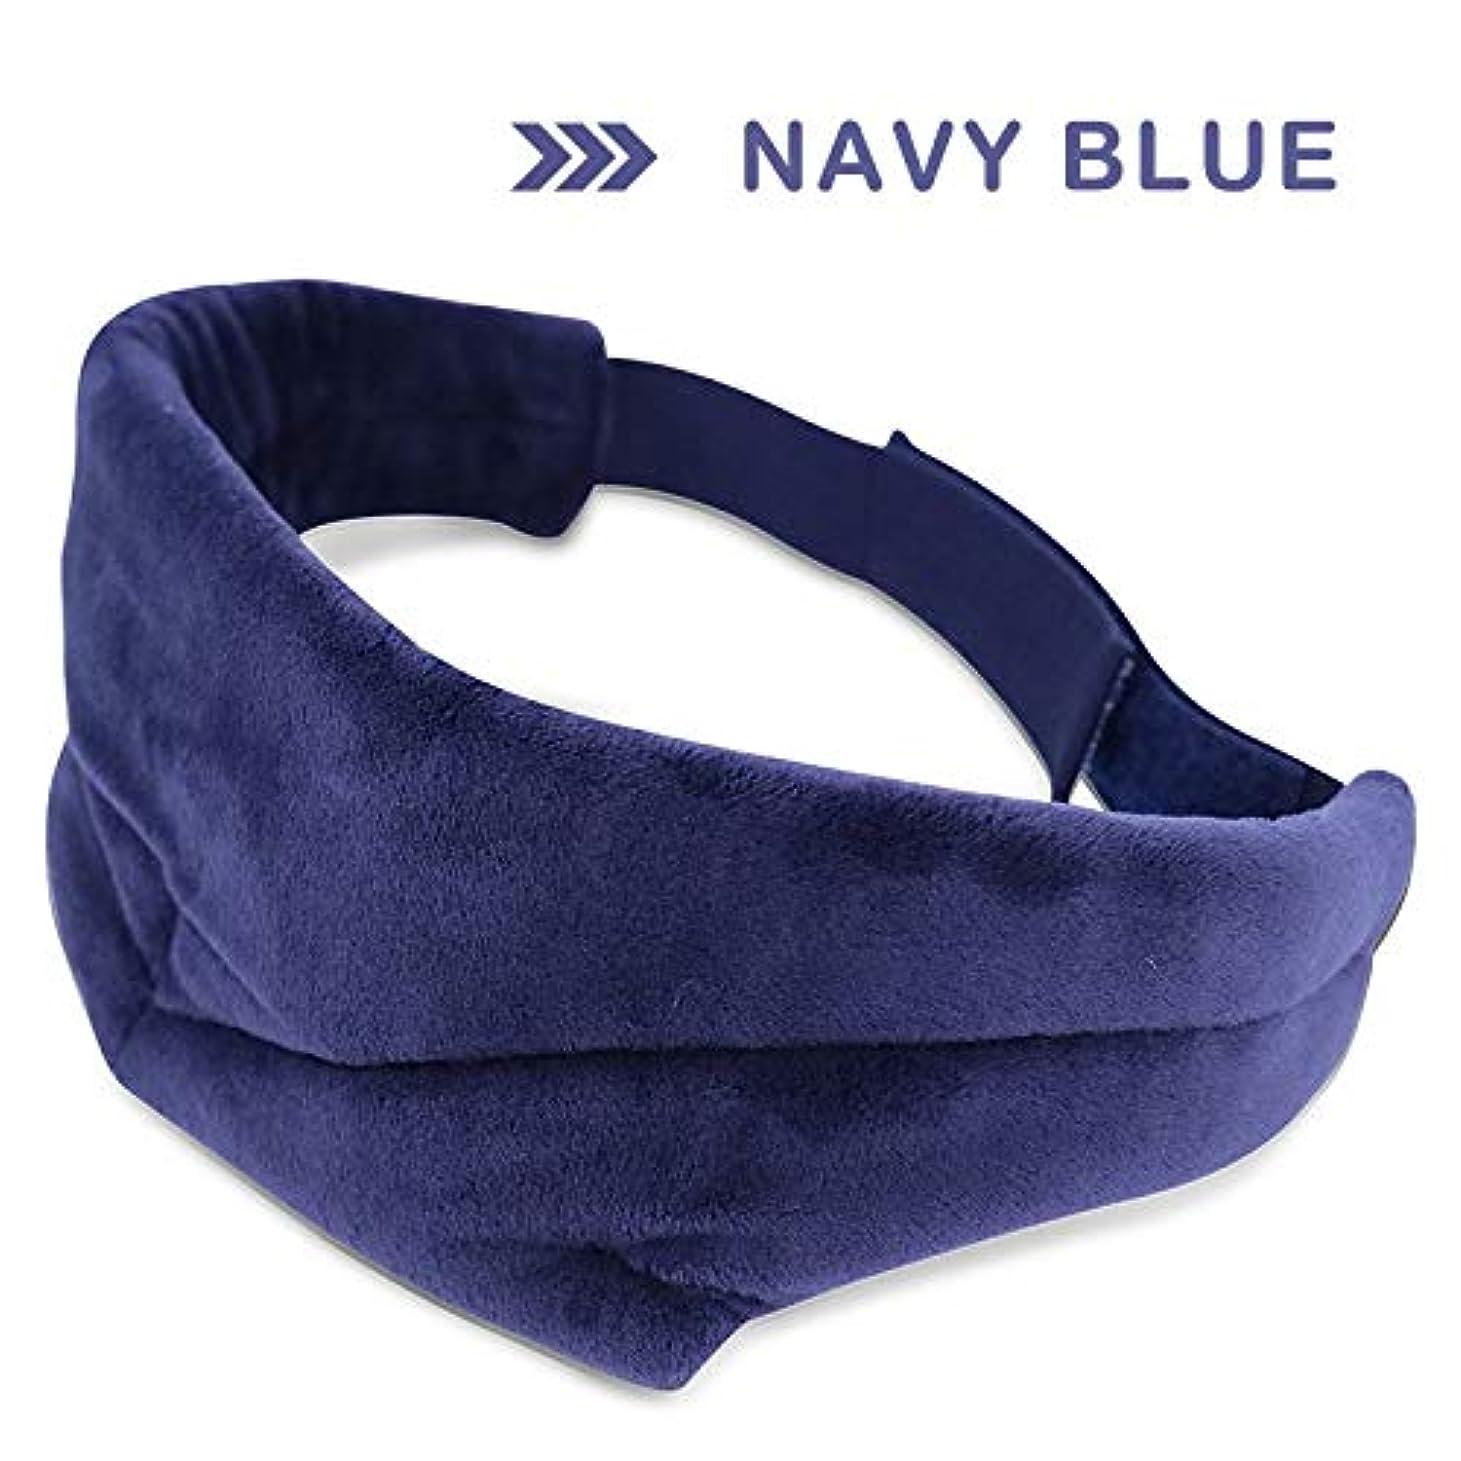 支店男らしさライオンNOTE 睡眠マスク新しい超柔らかい生地ポータブルアイパッチ睡眠アイマスク包帯用睡眠アイマッサージ3色緩和疲労